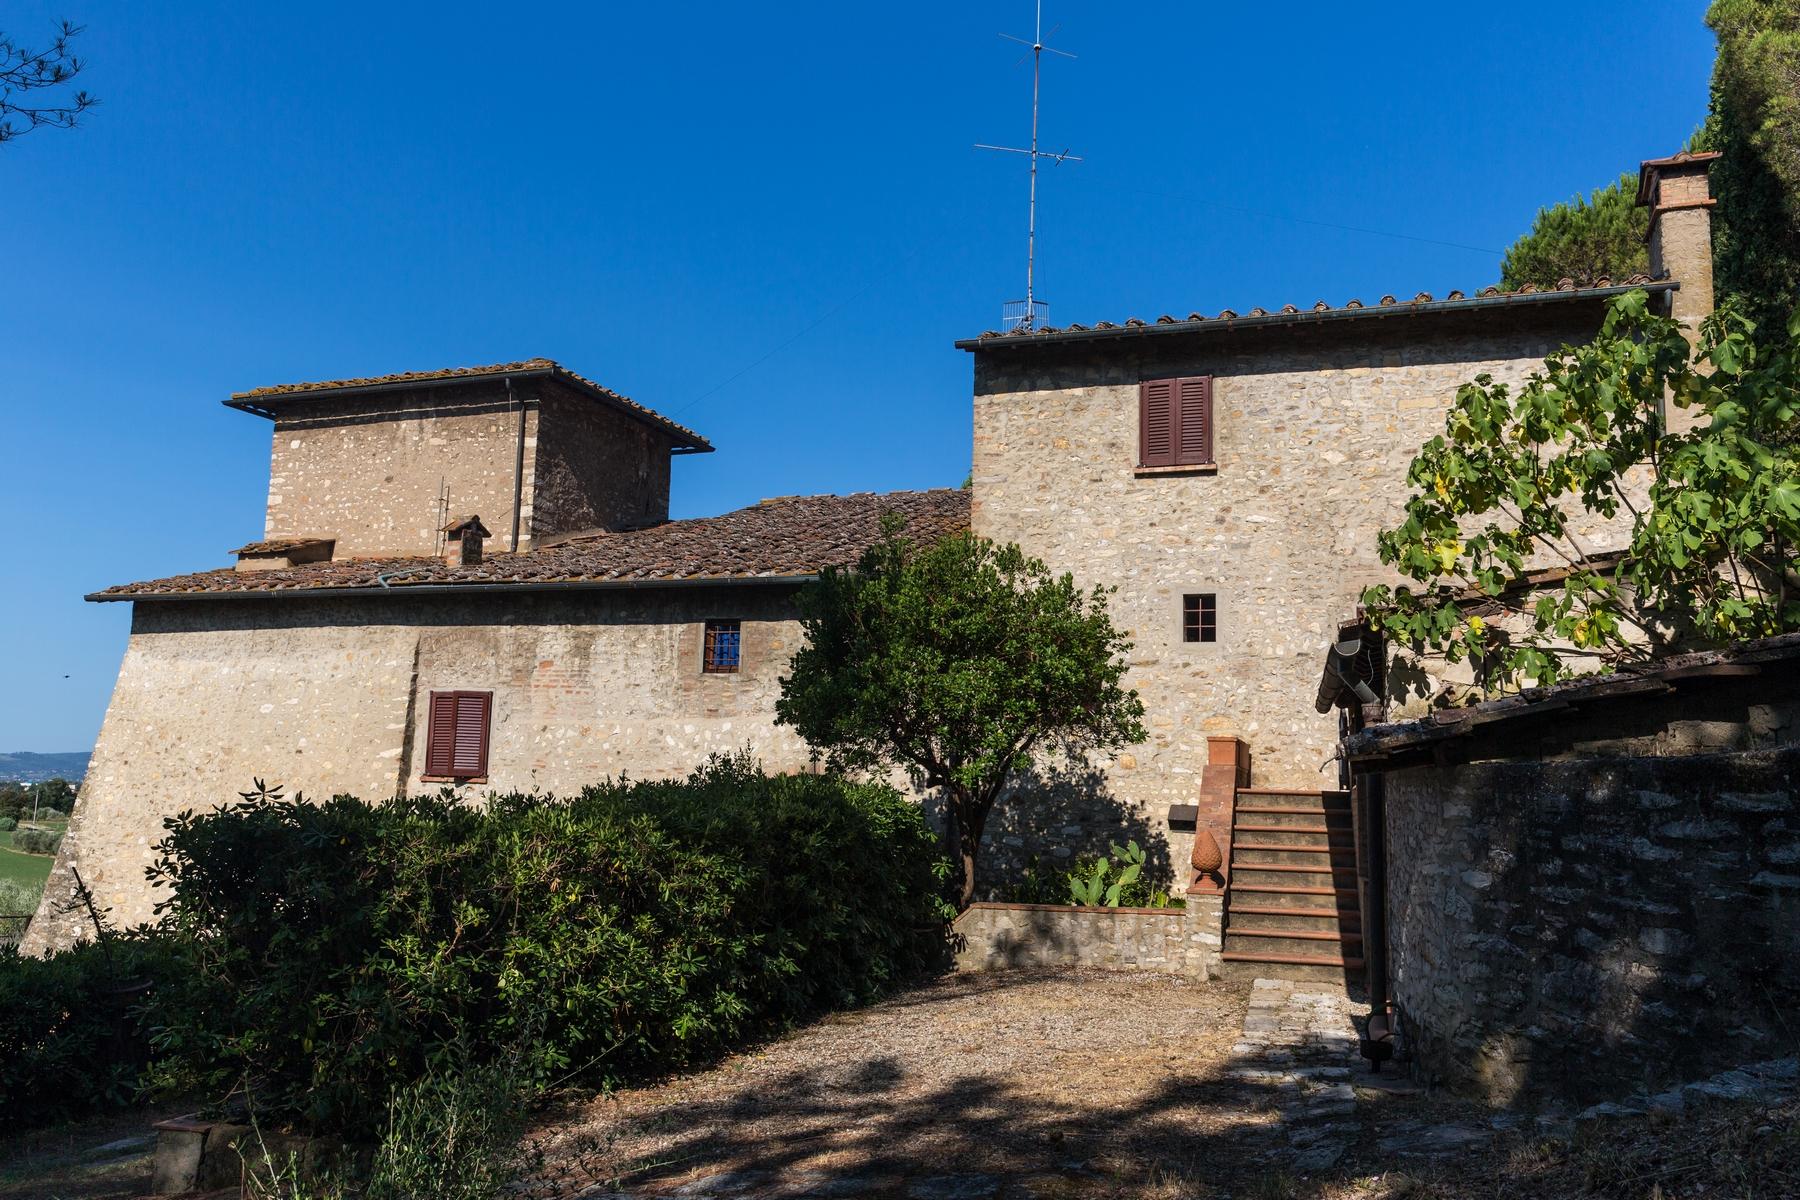 Rustico in Vendita a Calenzano: 5 locali, 800 mq